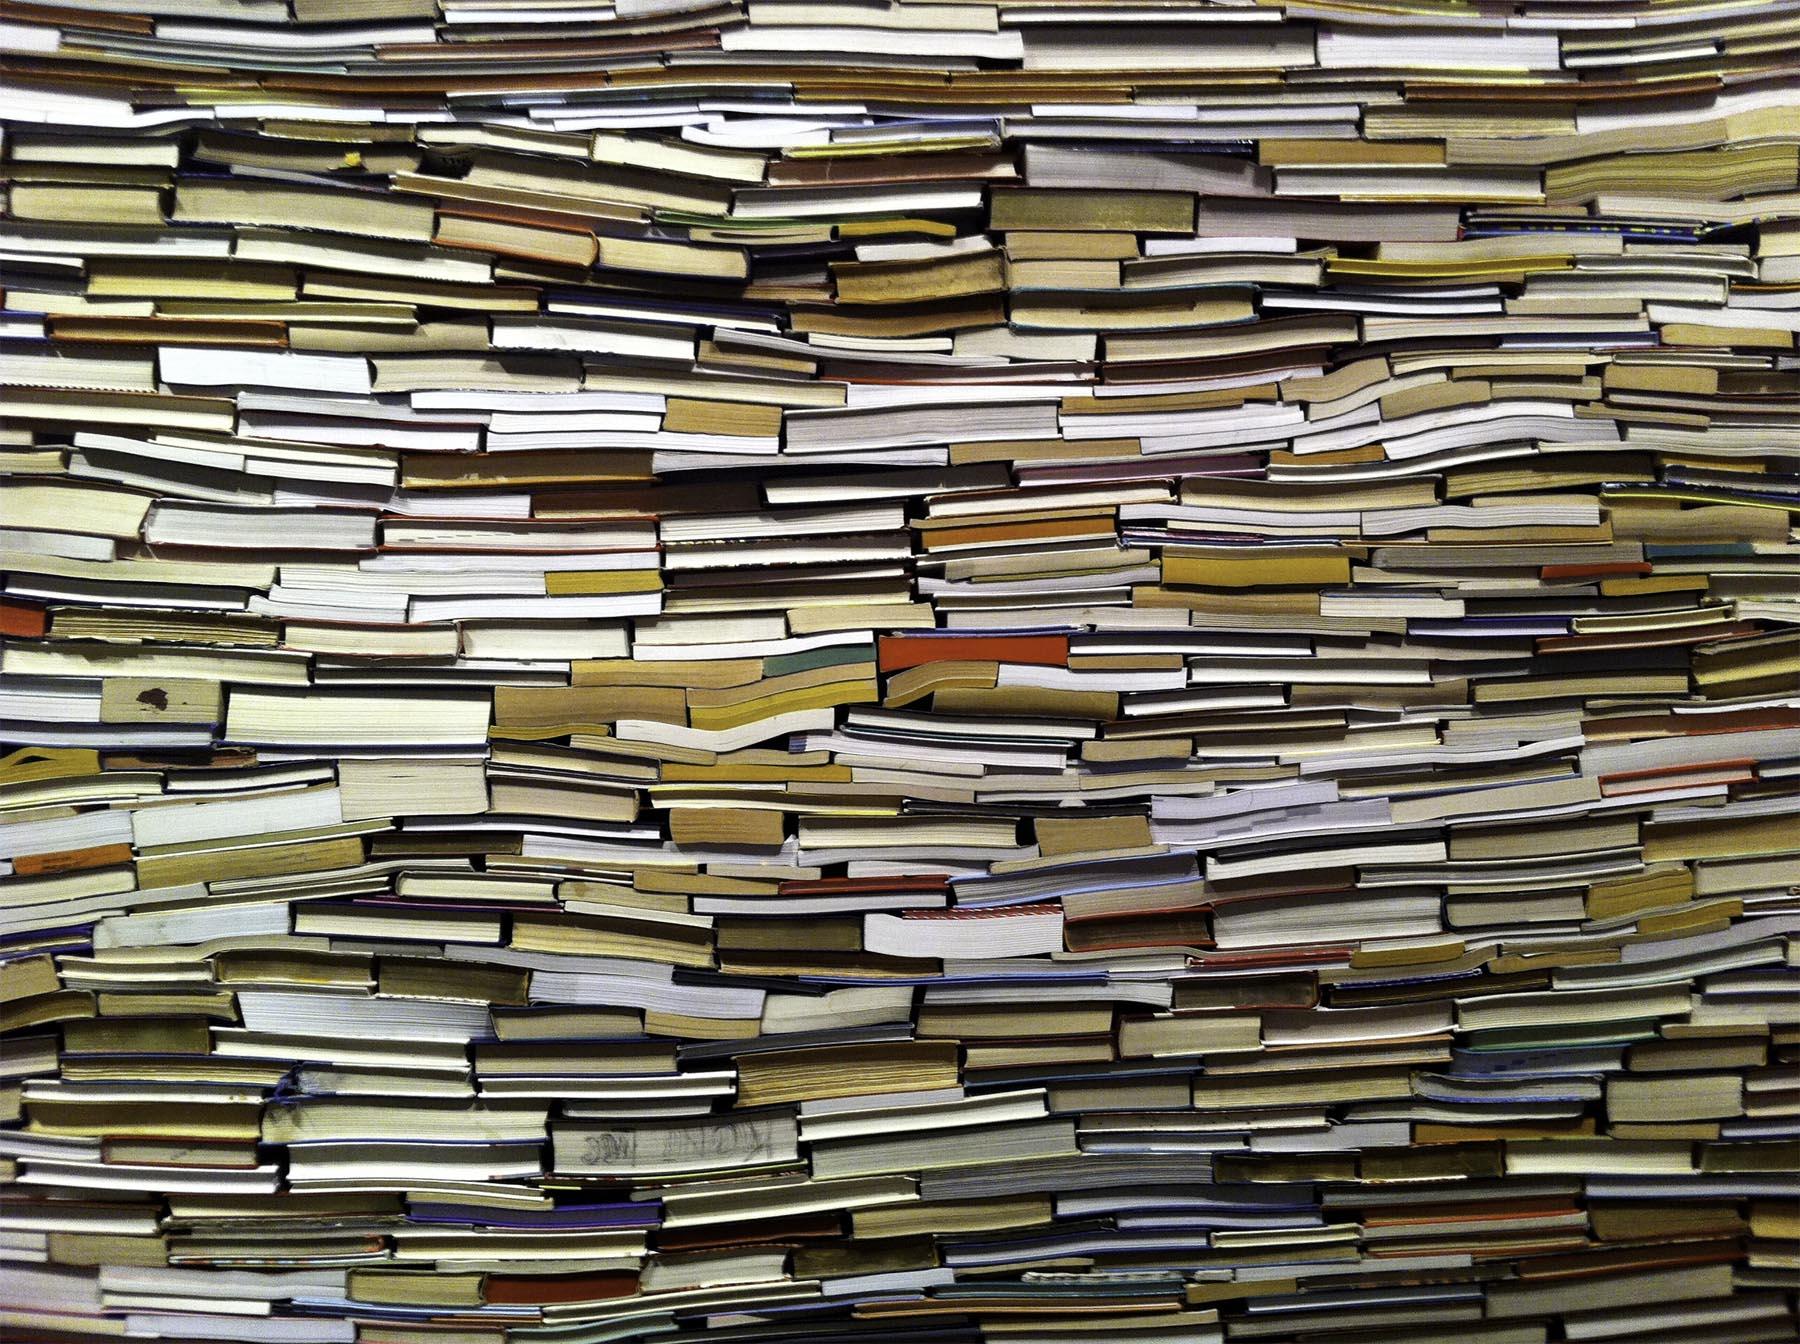 Collane di libri economici